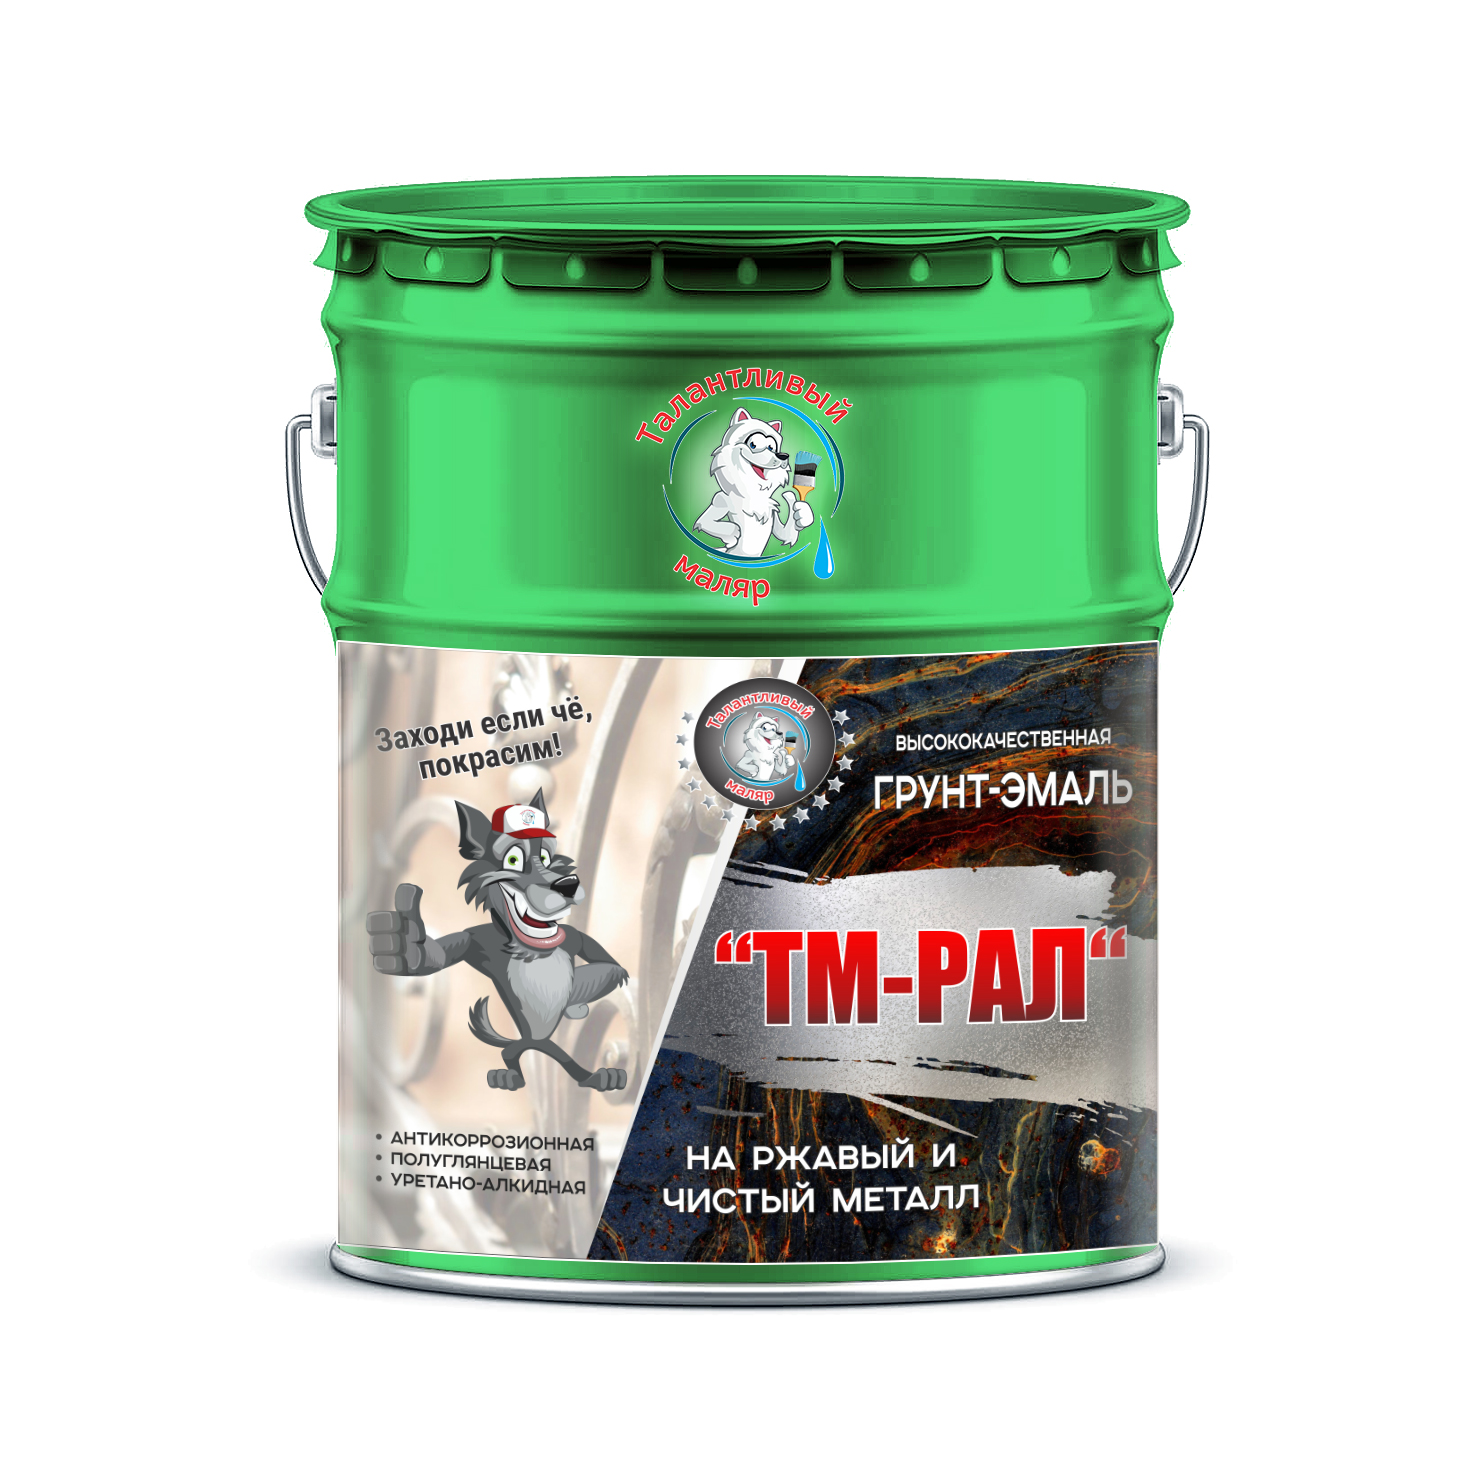 """Фото 2 - TM6001 Грунт-Эмаль """"ТМ РАЛ"""" уретано-алкидная 3 в 1 цвет RAL 6001 Зеленый изумруд, антикоррозионная,  полуглянцевая для черных металлов, 20 кг """"Талантливый маляр""""."""